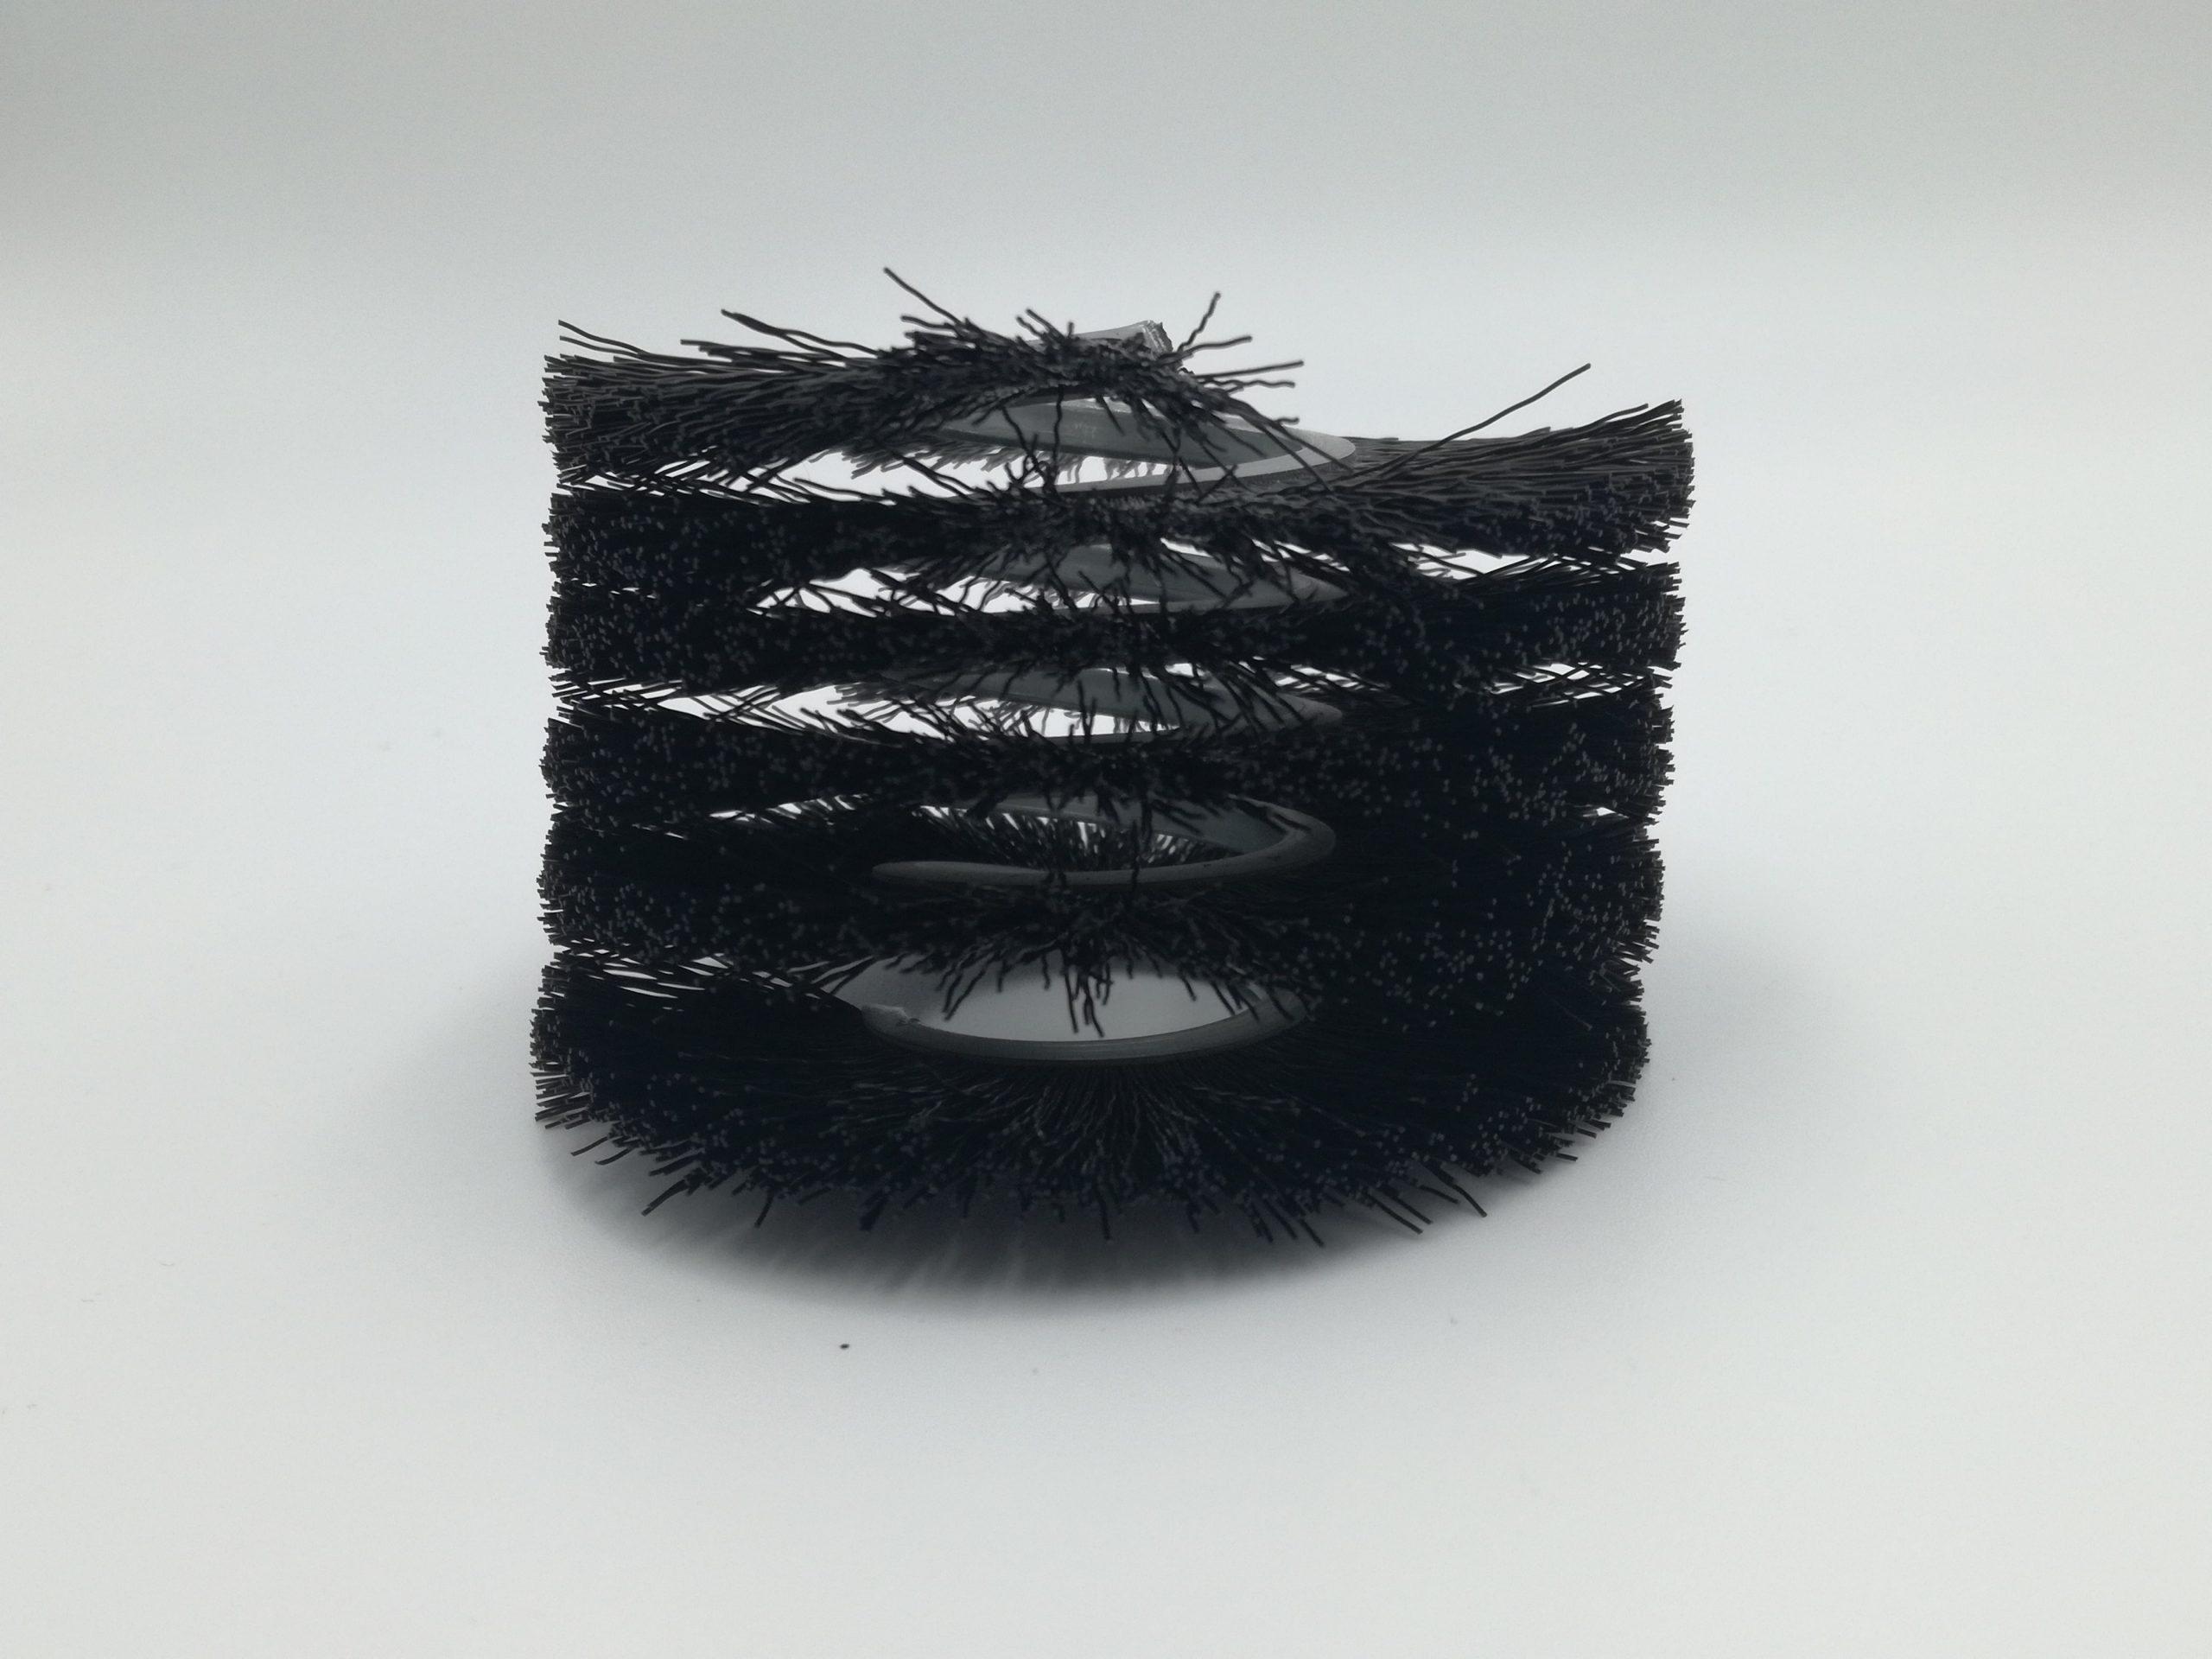 cepillo strip en espiral metálica fibra sintética hacia el exterior